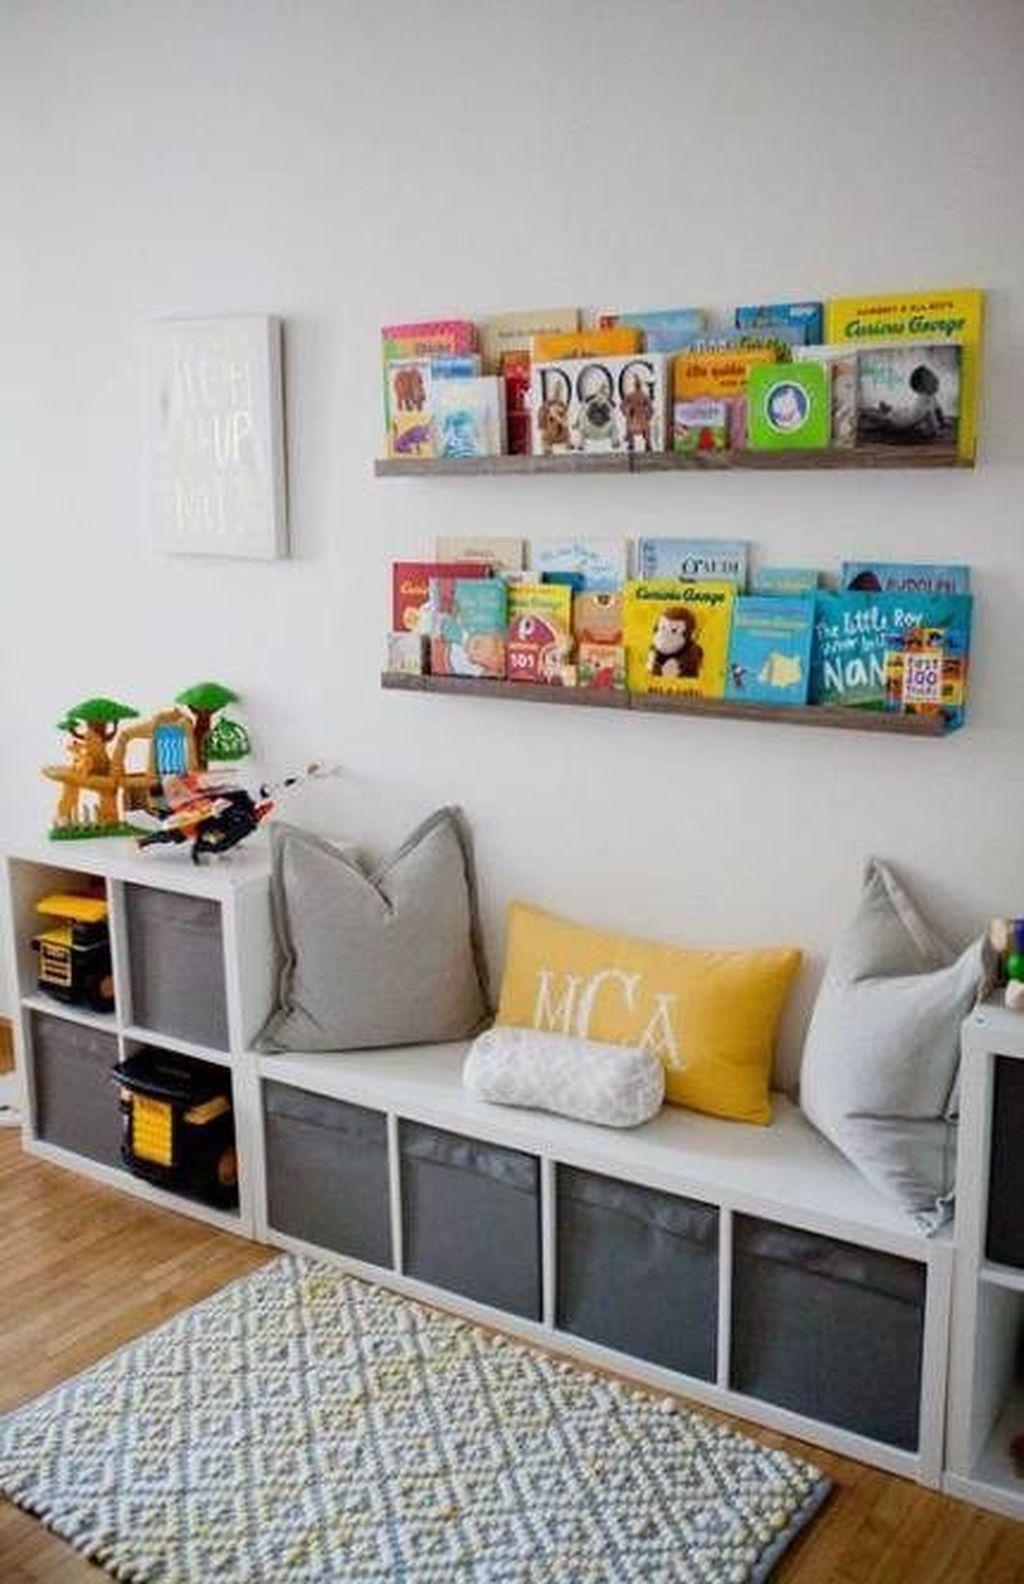 Inspiring Toy Storage Design Ideas 15